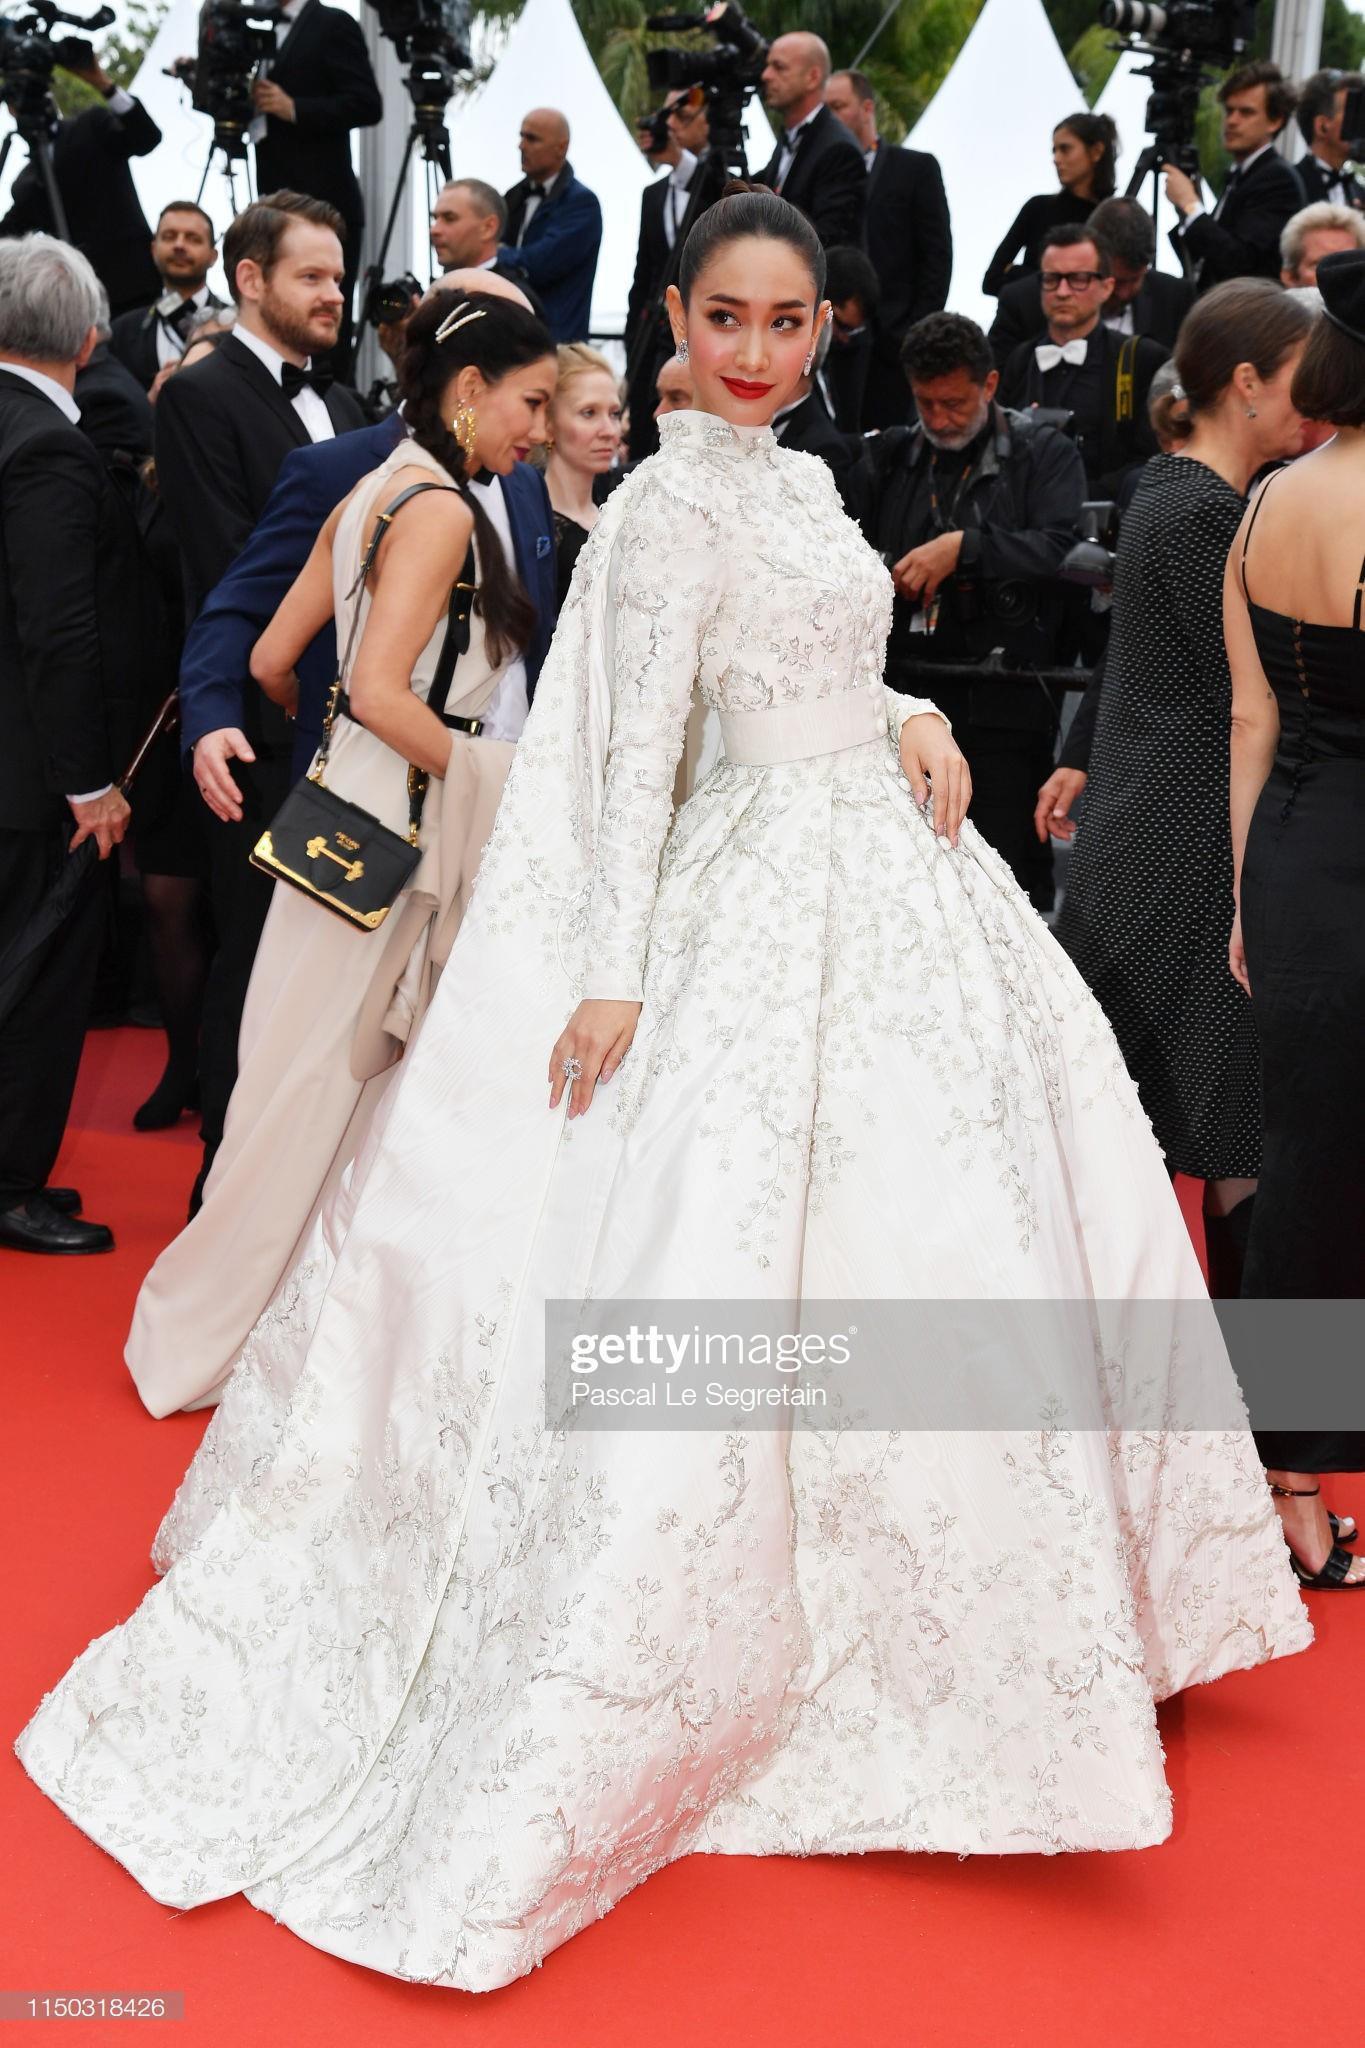 Những bộ váy cồng kềnh nhất thảm đỏ Cannes 2019 Ảnh 9